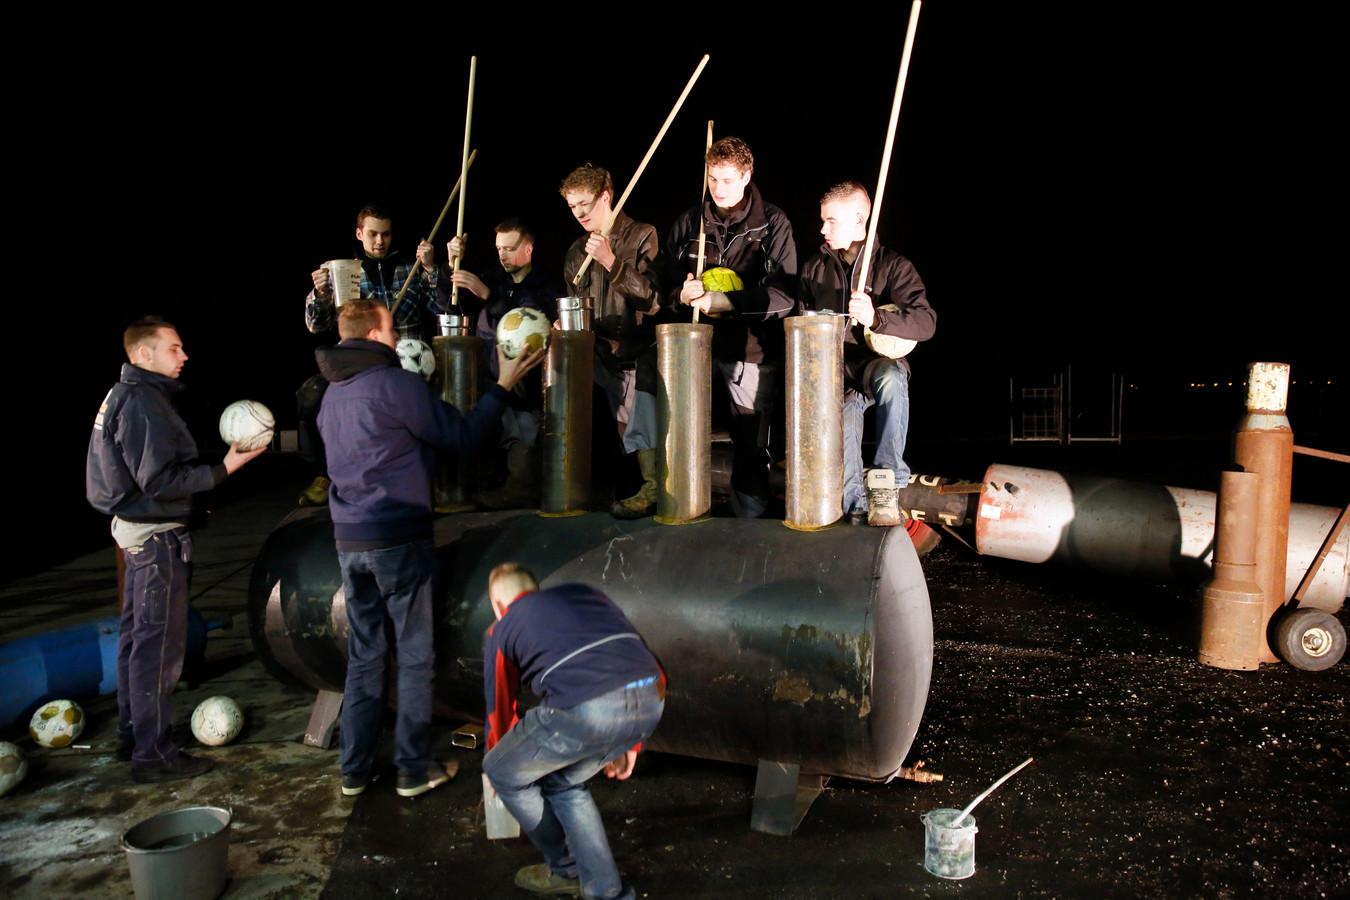 Beeld ter illustratie: Een groep Ottolanders bereidt een knal voor.